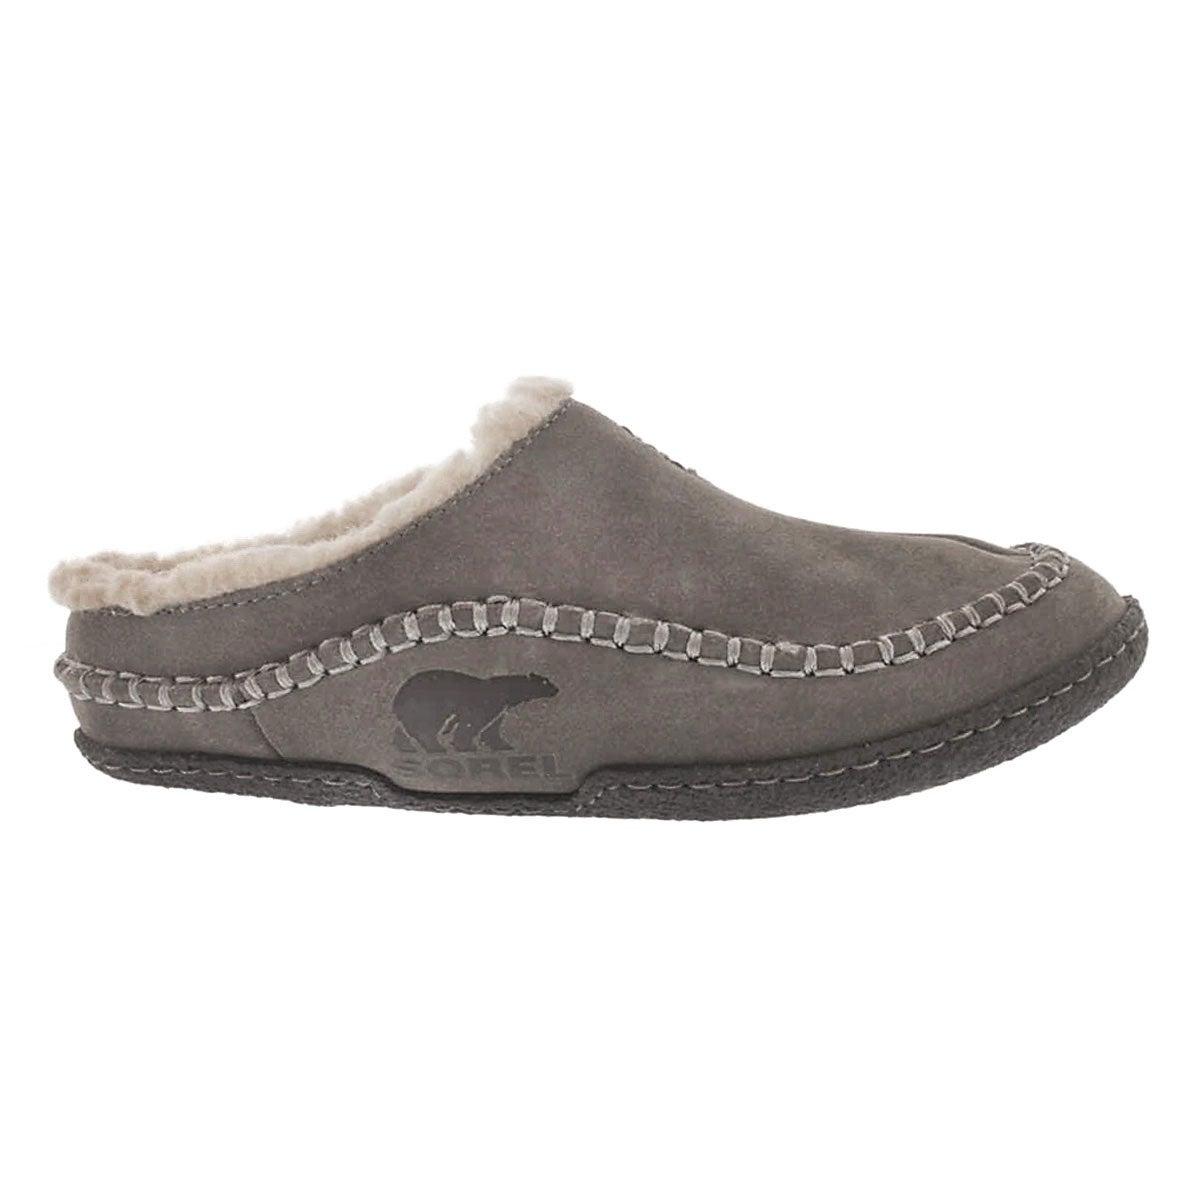 Pantoufle gris FALCON RIDGE, hom